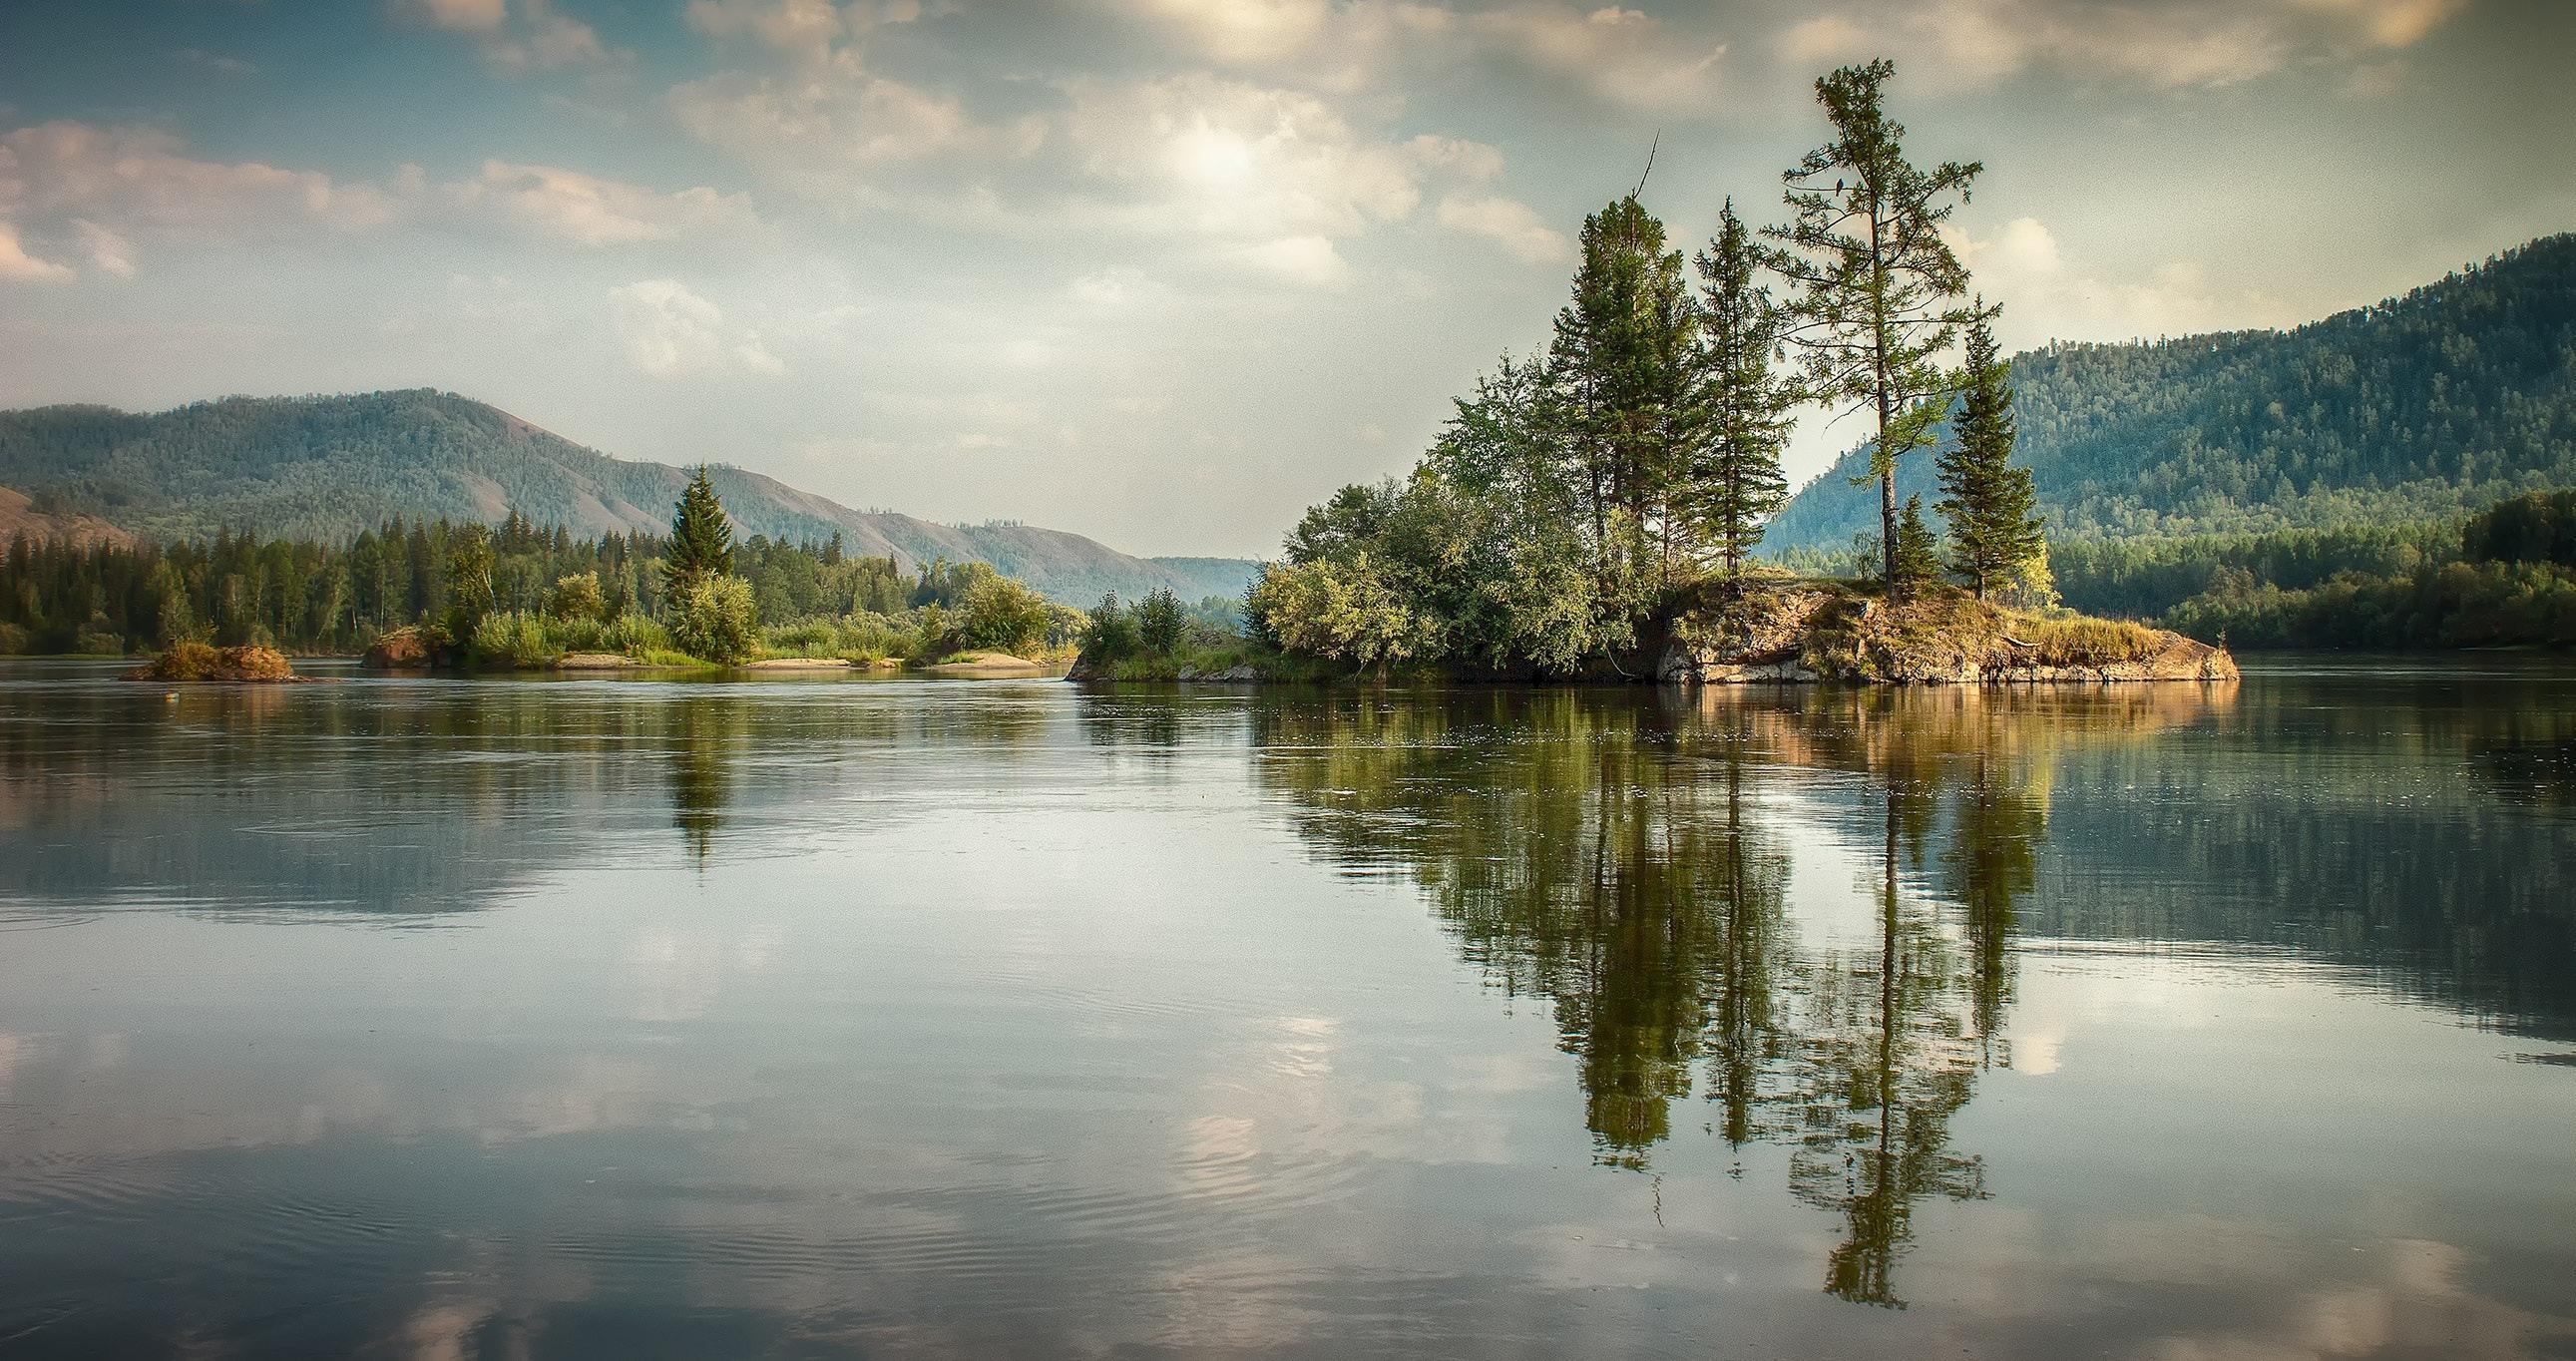 Lake Photos · Pexels · Free Stock Photos